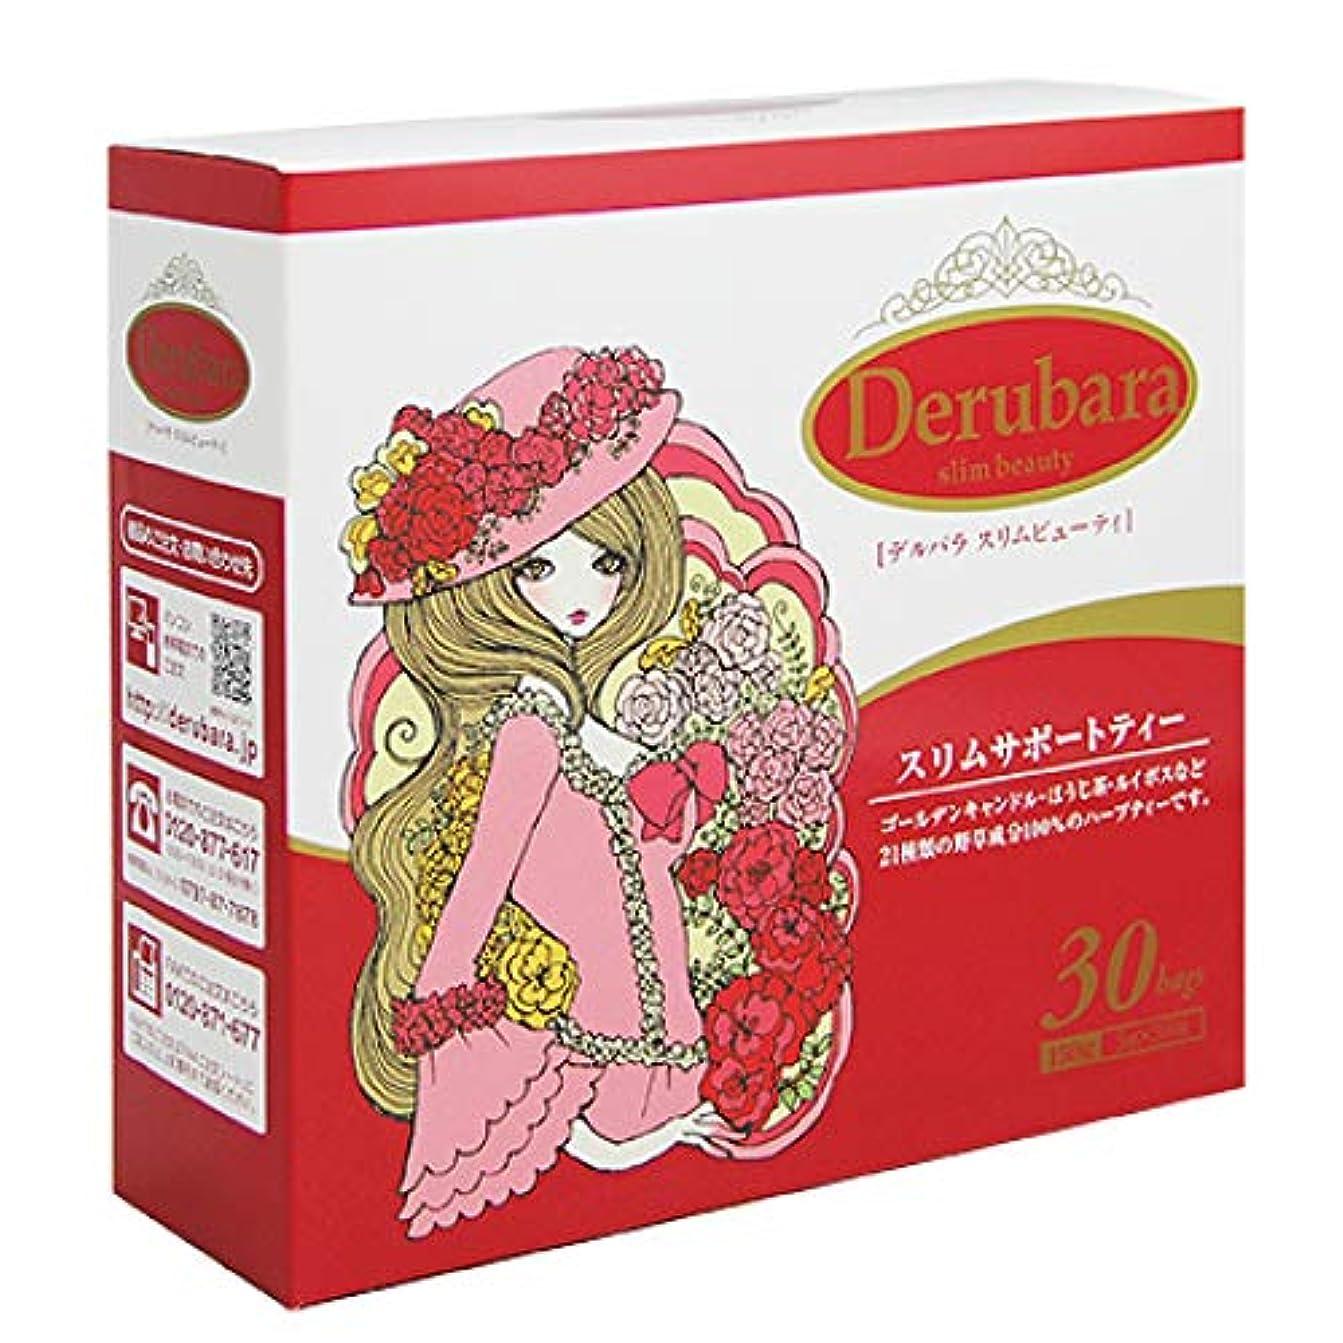 デルバラスリムビューティ お徳3箱セット (1包5g×30包入)×3箱 朝スッキリ! キャンドルブッシュ お茶